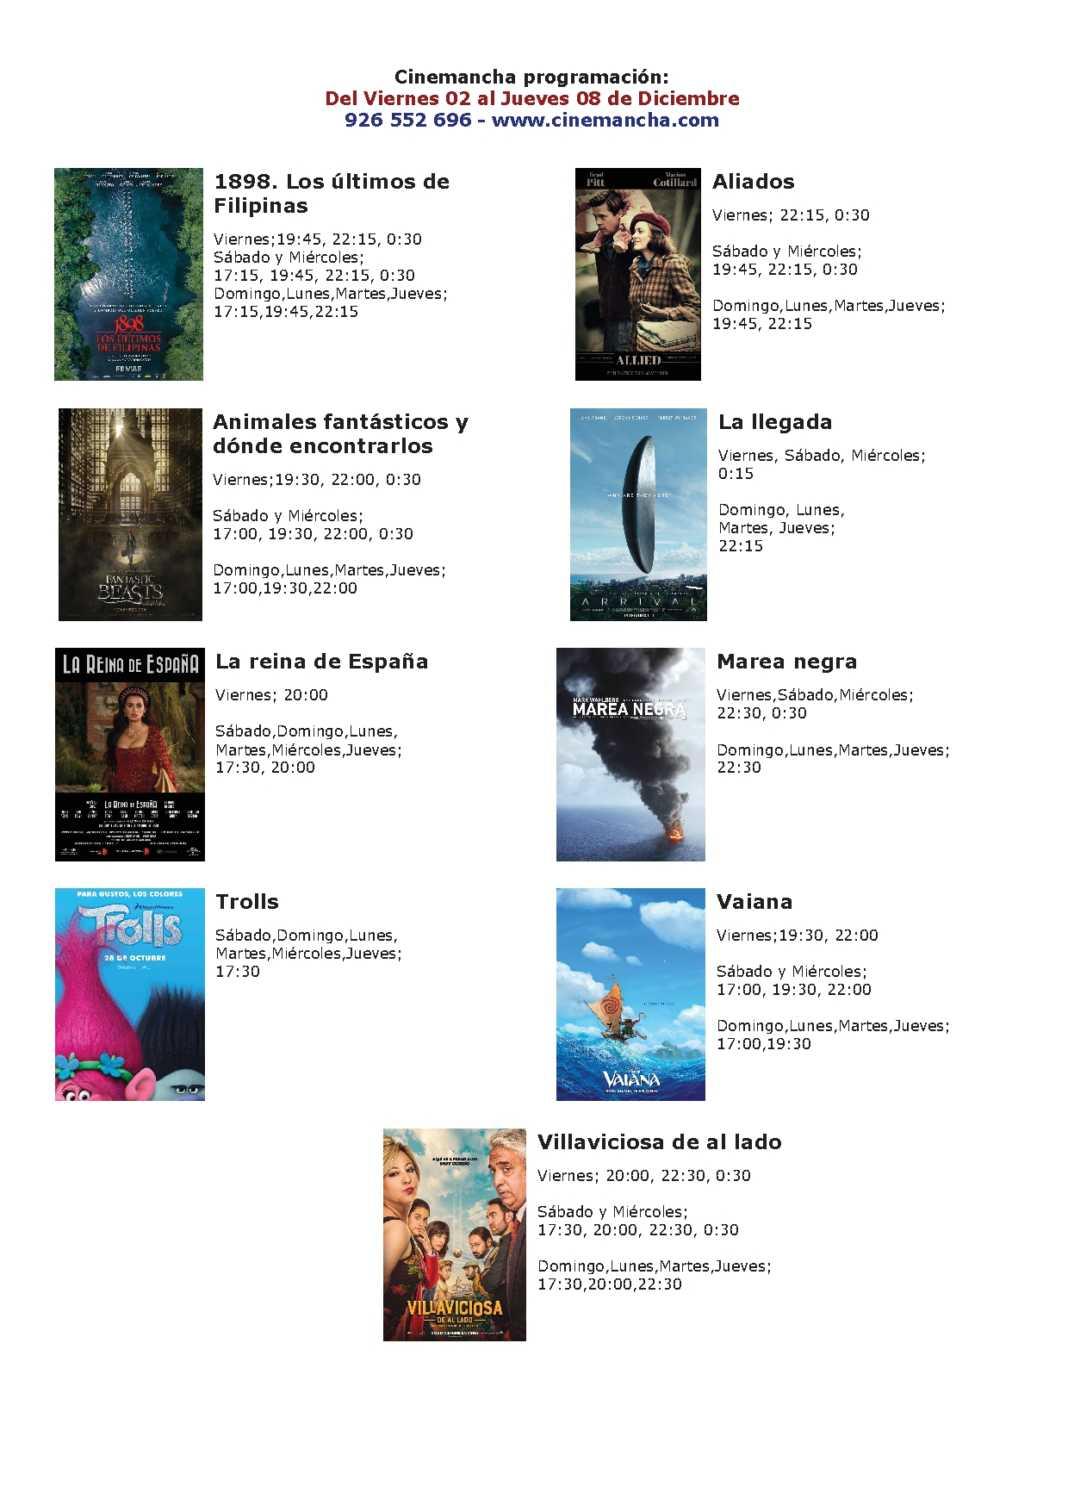 Cartelera Cinemancha del 02 al 08 de diciembre 1